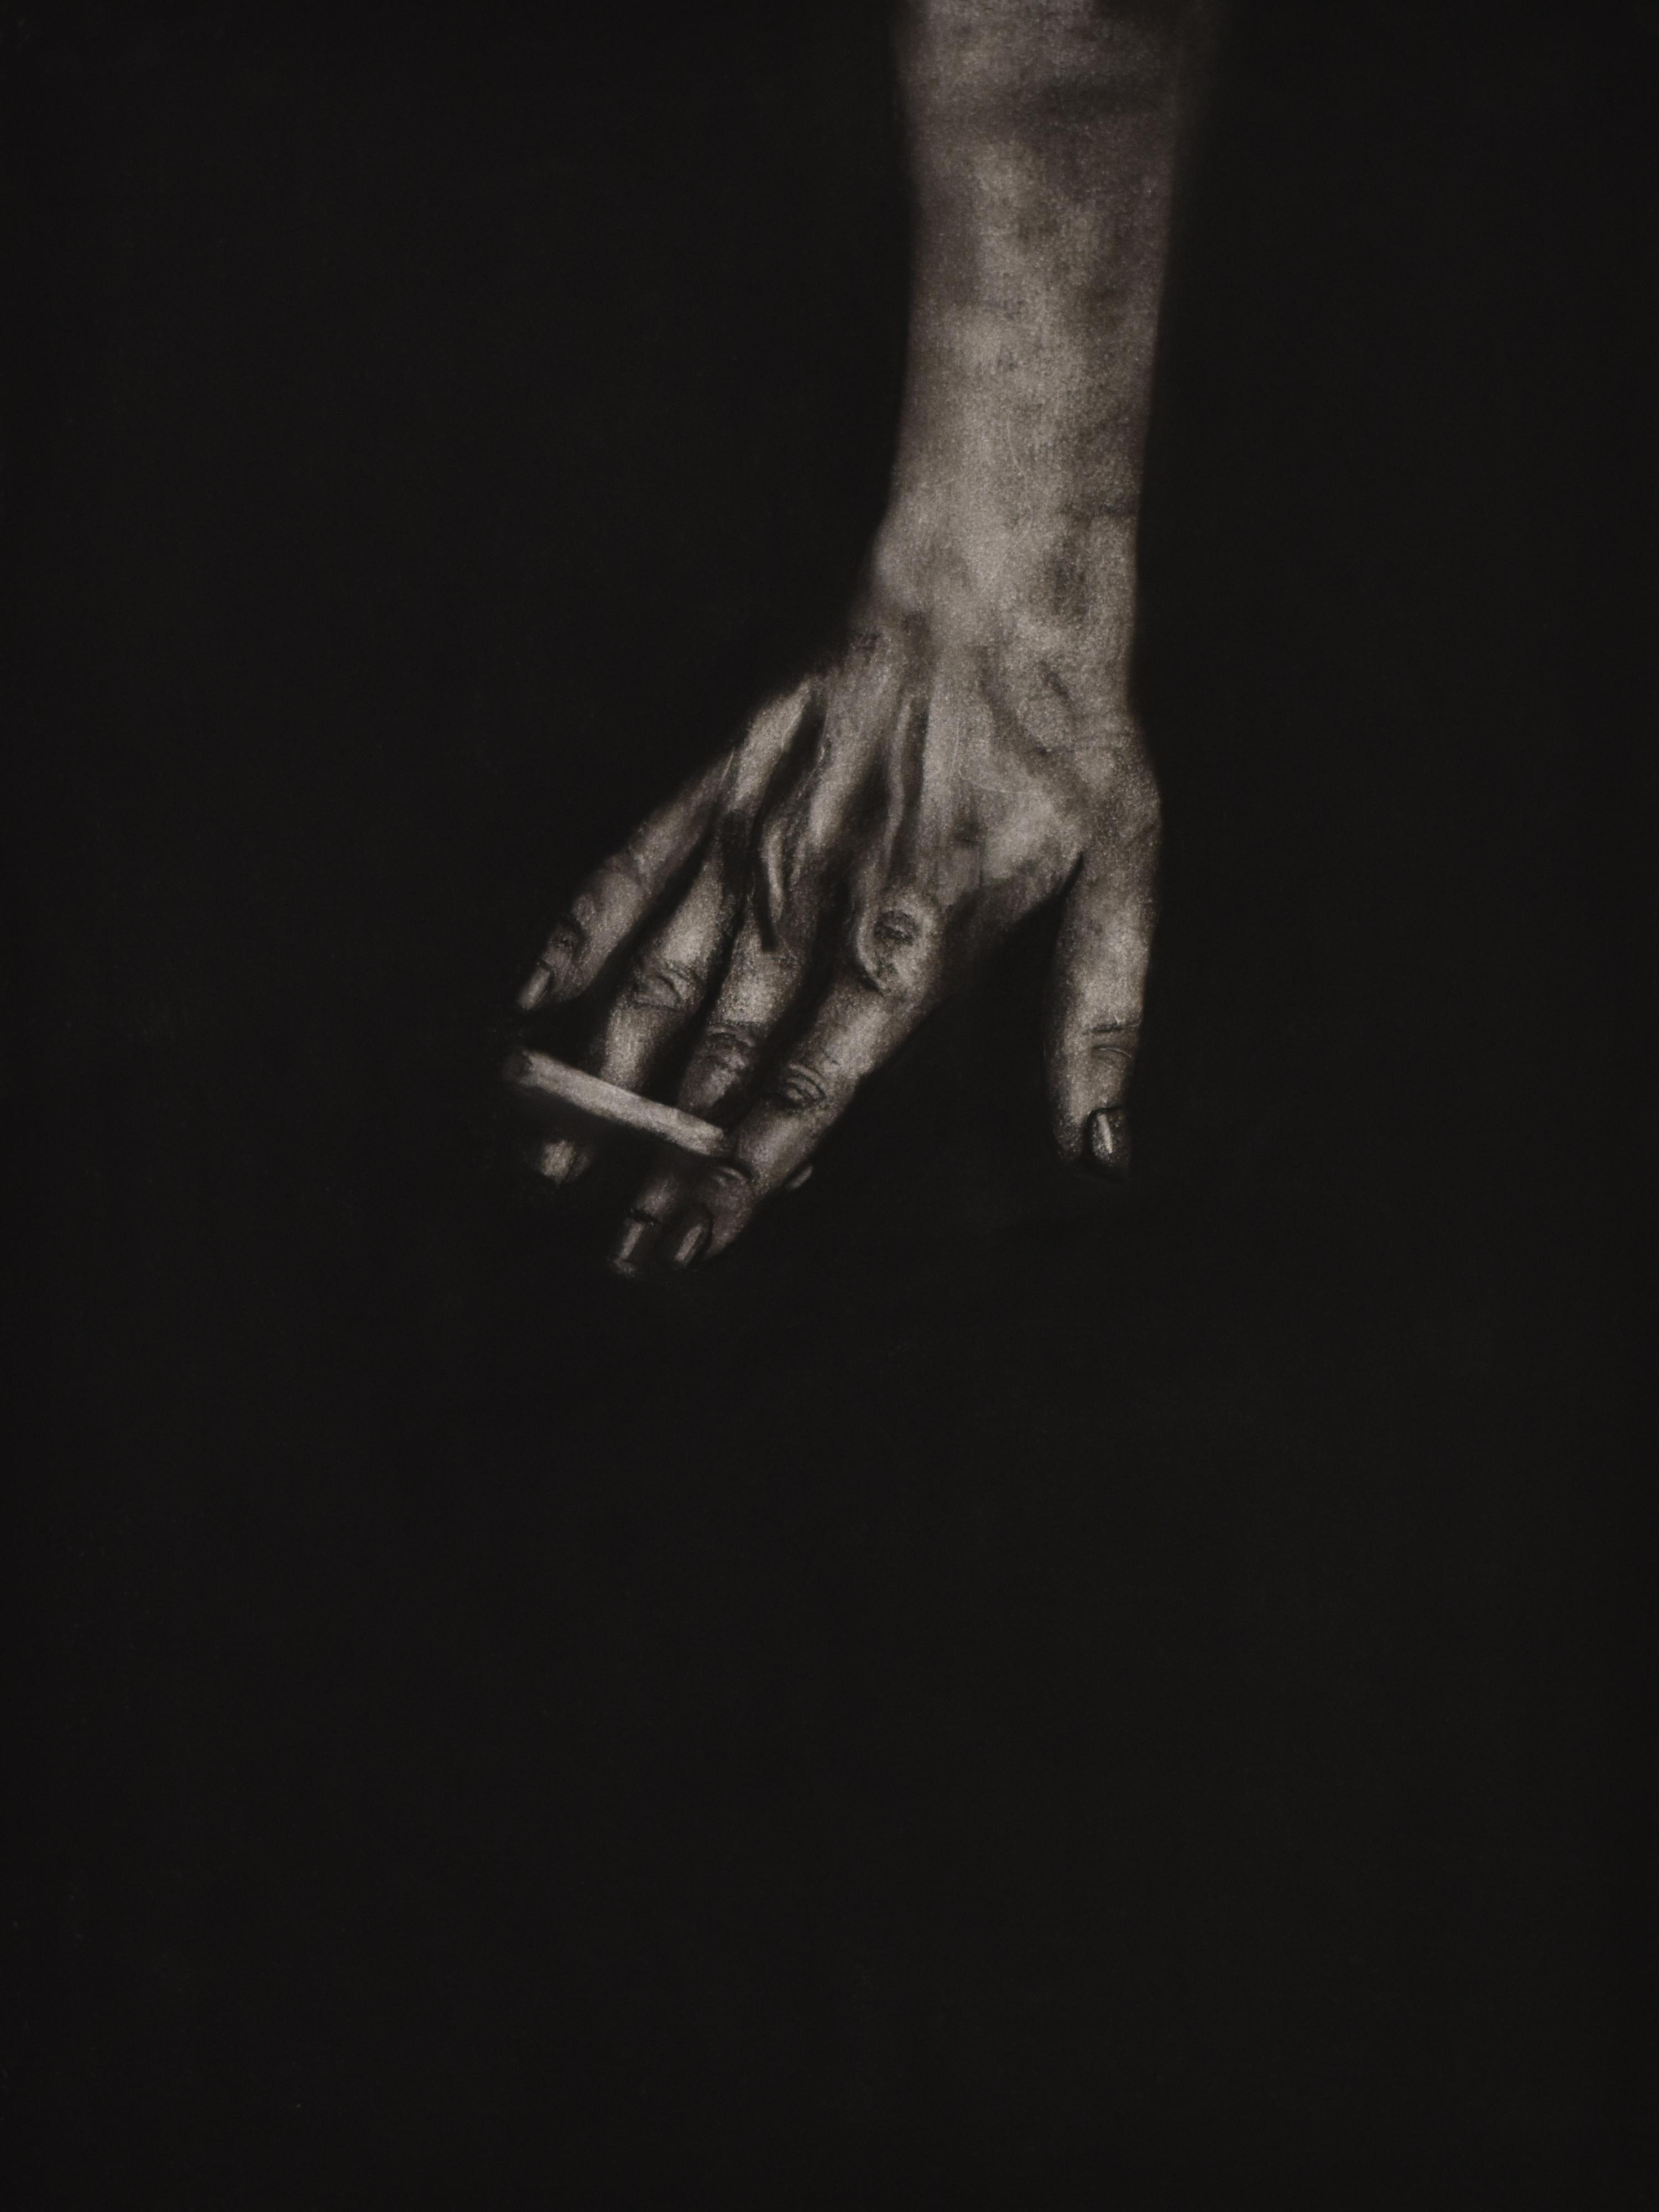 John's Hand